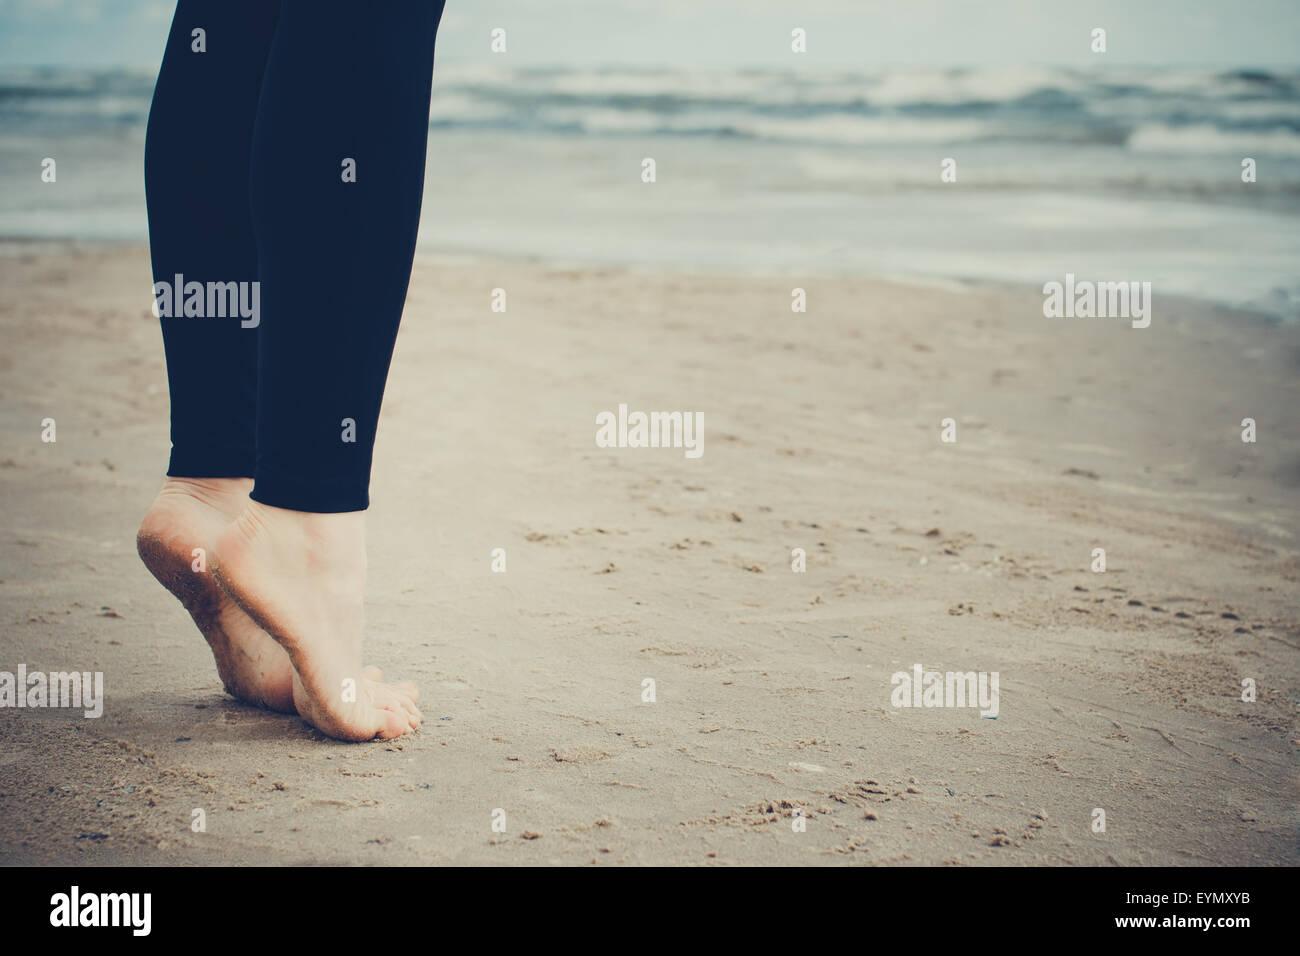 Girl's bare feet on wet sand - Stock Image